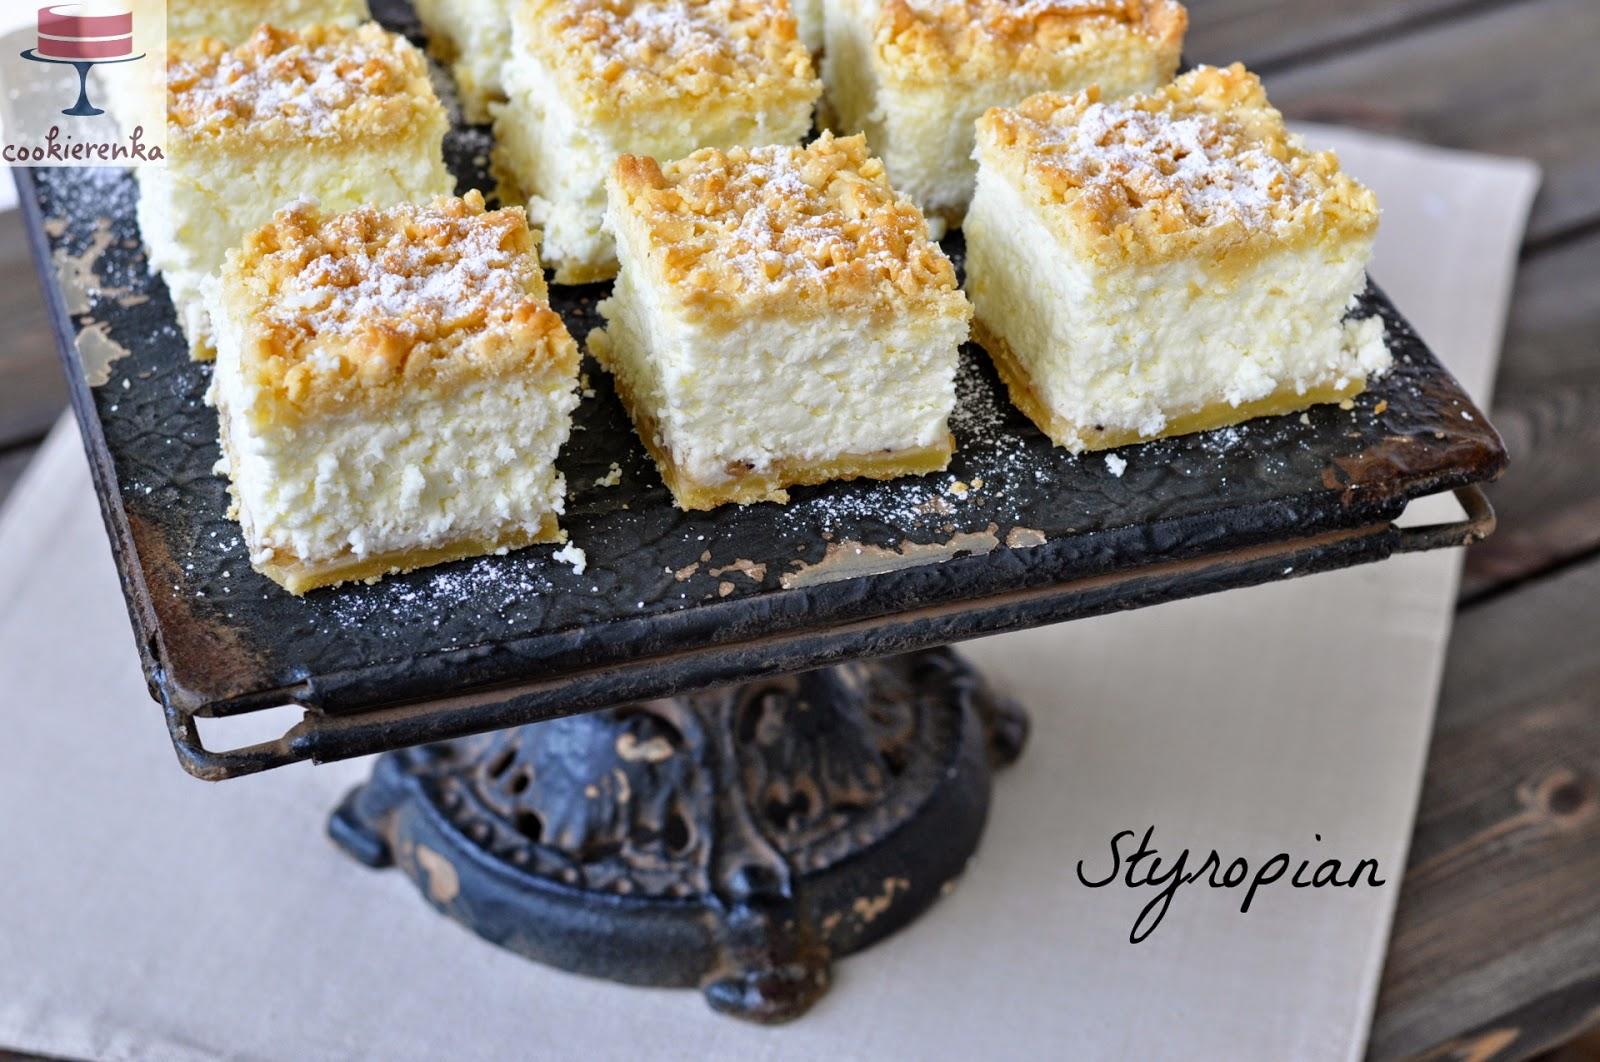 http://www.cookierenka.com/2014/10/styropian-czyli-ciasto-la-sernik.html